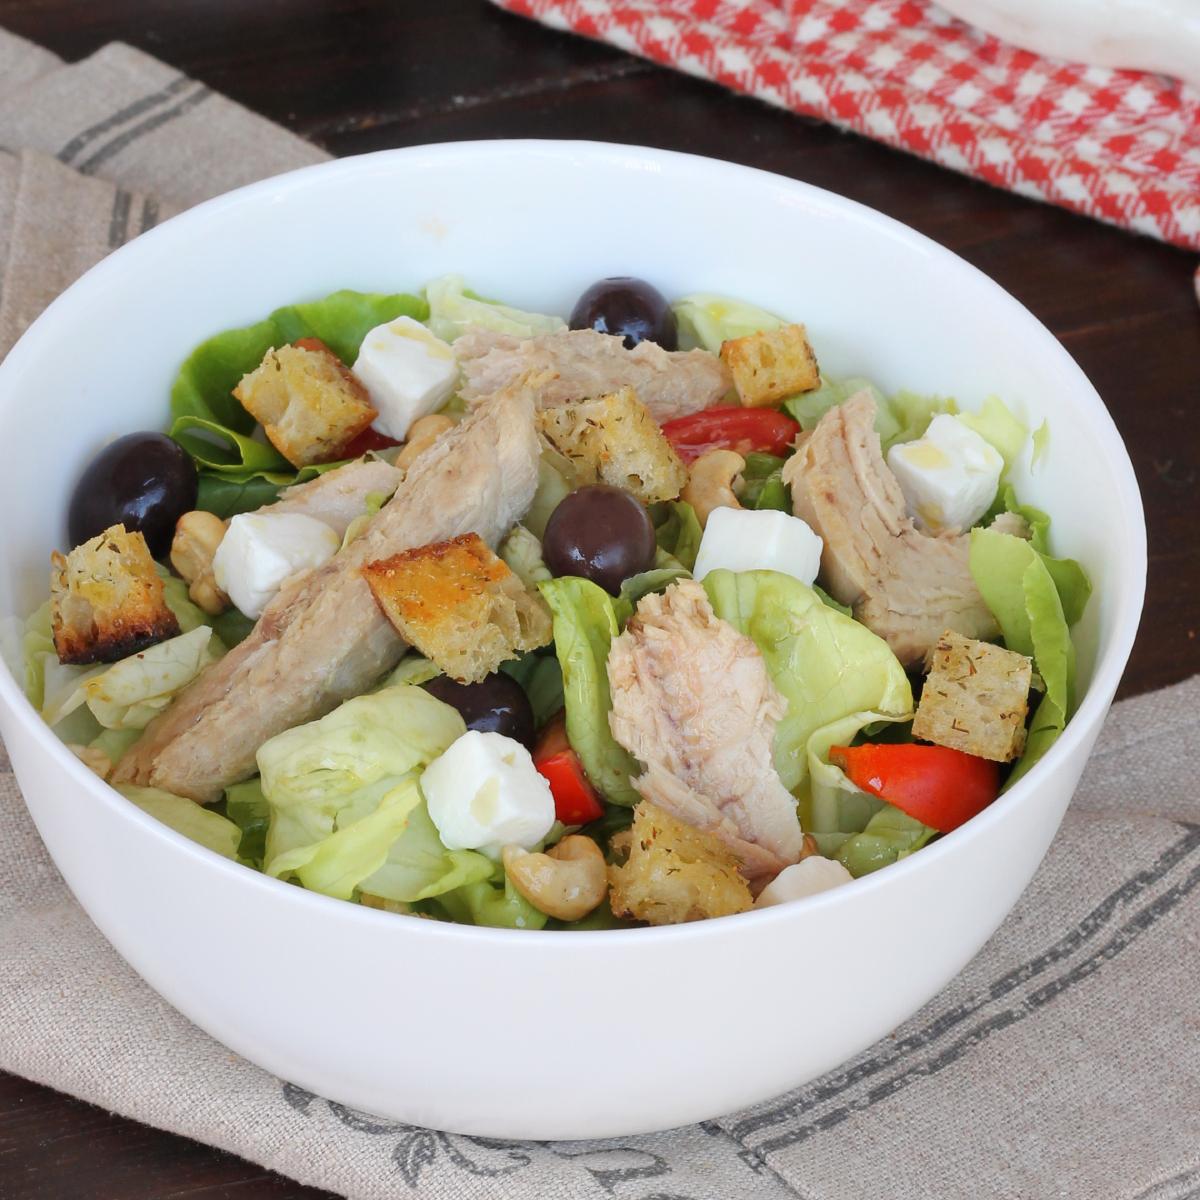 INSALATA CON filetti di SGOMBRO in scatola  insalata di sgombro | ricetta fredda leggera